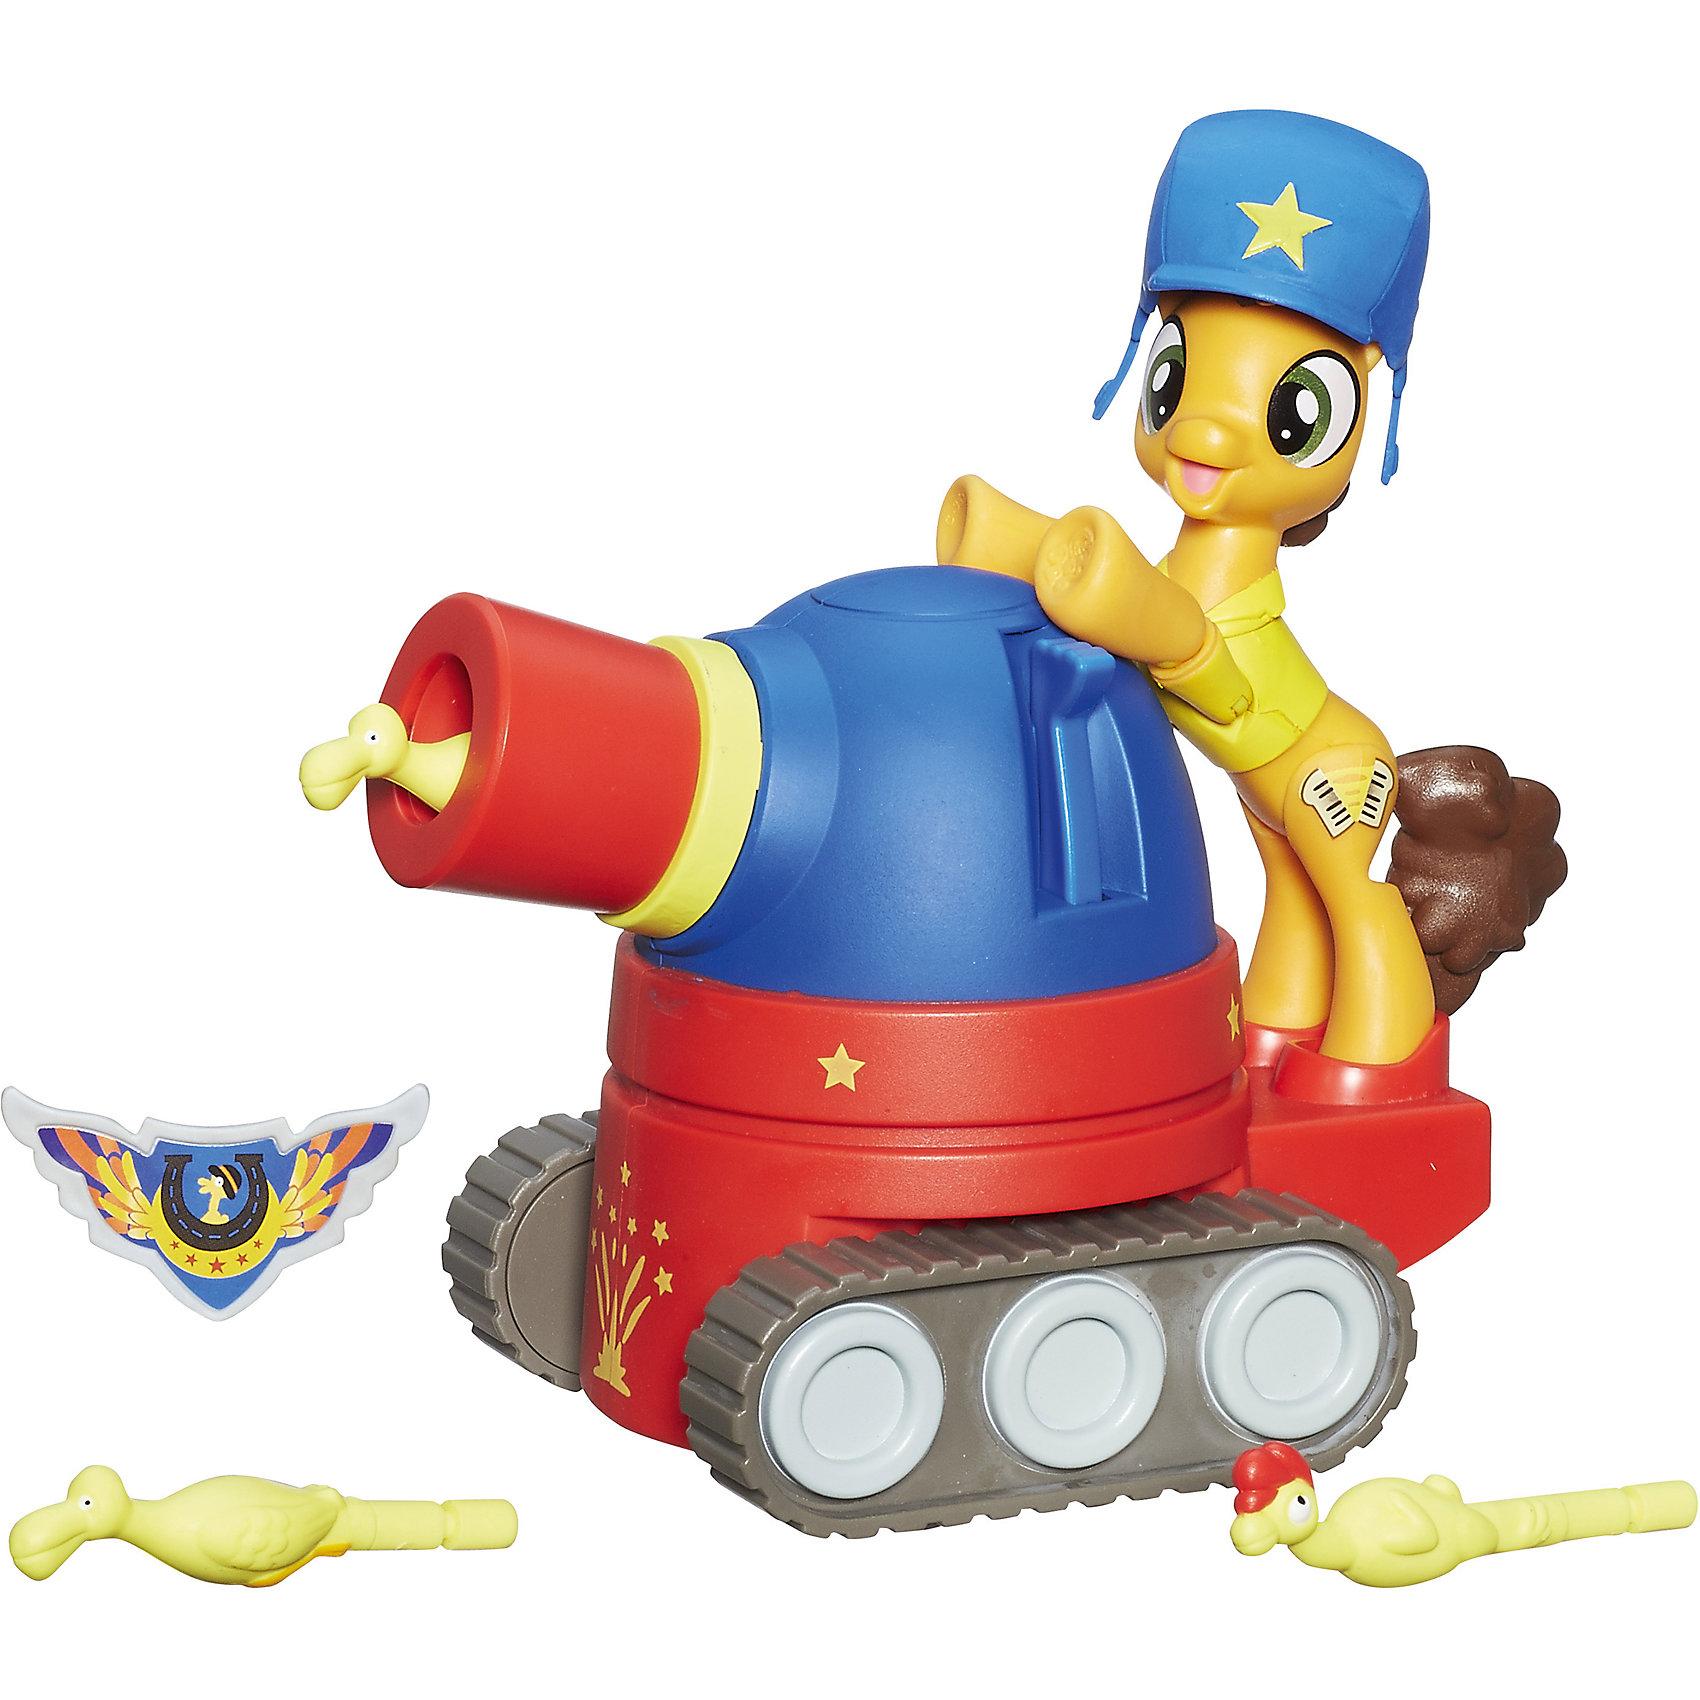 Игровой набор Hasbro My little Pony Хранители гармонии, Чиз Сэндвич на праздничном танкеЛюбимые герои<br>Характеристики товара:<br><br>• возраст: от 4 лет;<br>• материал: пластик;<br>• в комплекте: фигурка пони, шлем, танк, 3 снаряда, значок;<br>• размер фигурки: 8 см;<br>• размер упаковки: 30,5х25,4х9,5 см;<br>• вес упаковки: 561 гр.;<br>• страна производитель: Китай.<br><br>Игровой набор «Чиз Сэндвич на праздничном танке» My Little Pony Hasbro создан по мотивам известного мультсериала. В наборе веселый Чиз Сэндвич, который любит устраивать праздники и вечеринки. В этот раз он приготовил сюрприз — праздничный танк, который стреляет оригинальными снарядами в виде птичек. Надо поместить снаряды в танк, нажать на рычажок, и снаряды начнут вылетать из танка.<br><br>У Чиза подвижные ножки. Его также можно усадить на танк, на котором имеются специальные отделения для ножек. В наборе девочка найдет небольшой значок, которым сможет украсить свой наряд.<br><br>Игровой набор «Чиз Сэндвич на праздничном танке» My Little Pony Hasbro B6010 можно приобрести в нашем интернет-магазине.<br><br>Ширина мм: 95<br>Глубина мм: 305<br>Высота мм: 254<br>Вес г: 561<br>Возраст от месяцев: 48<br>Возраст до месяцев: 2147483647<br>Пол: Женский<br>Возраст: Детский<br>SKU: 6674415